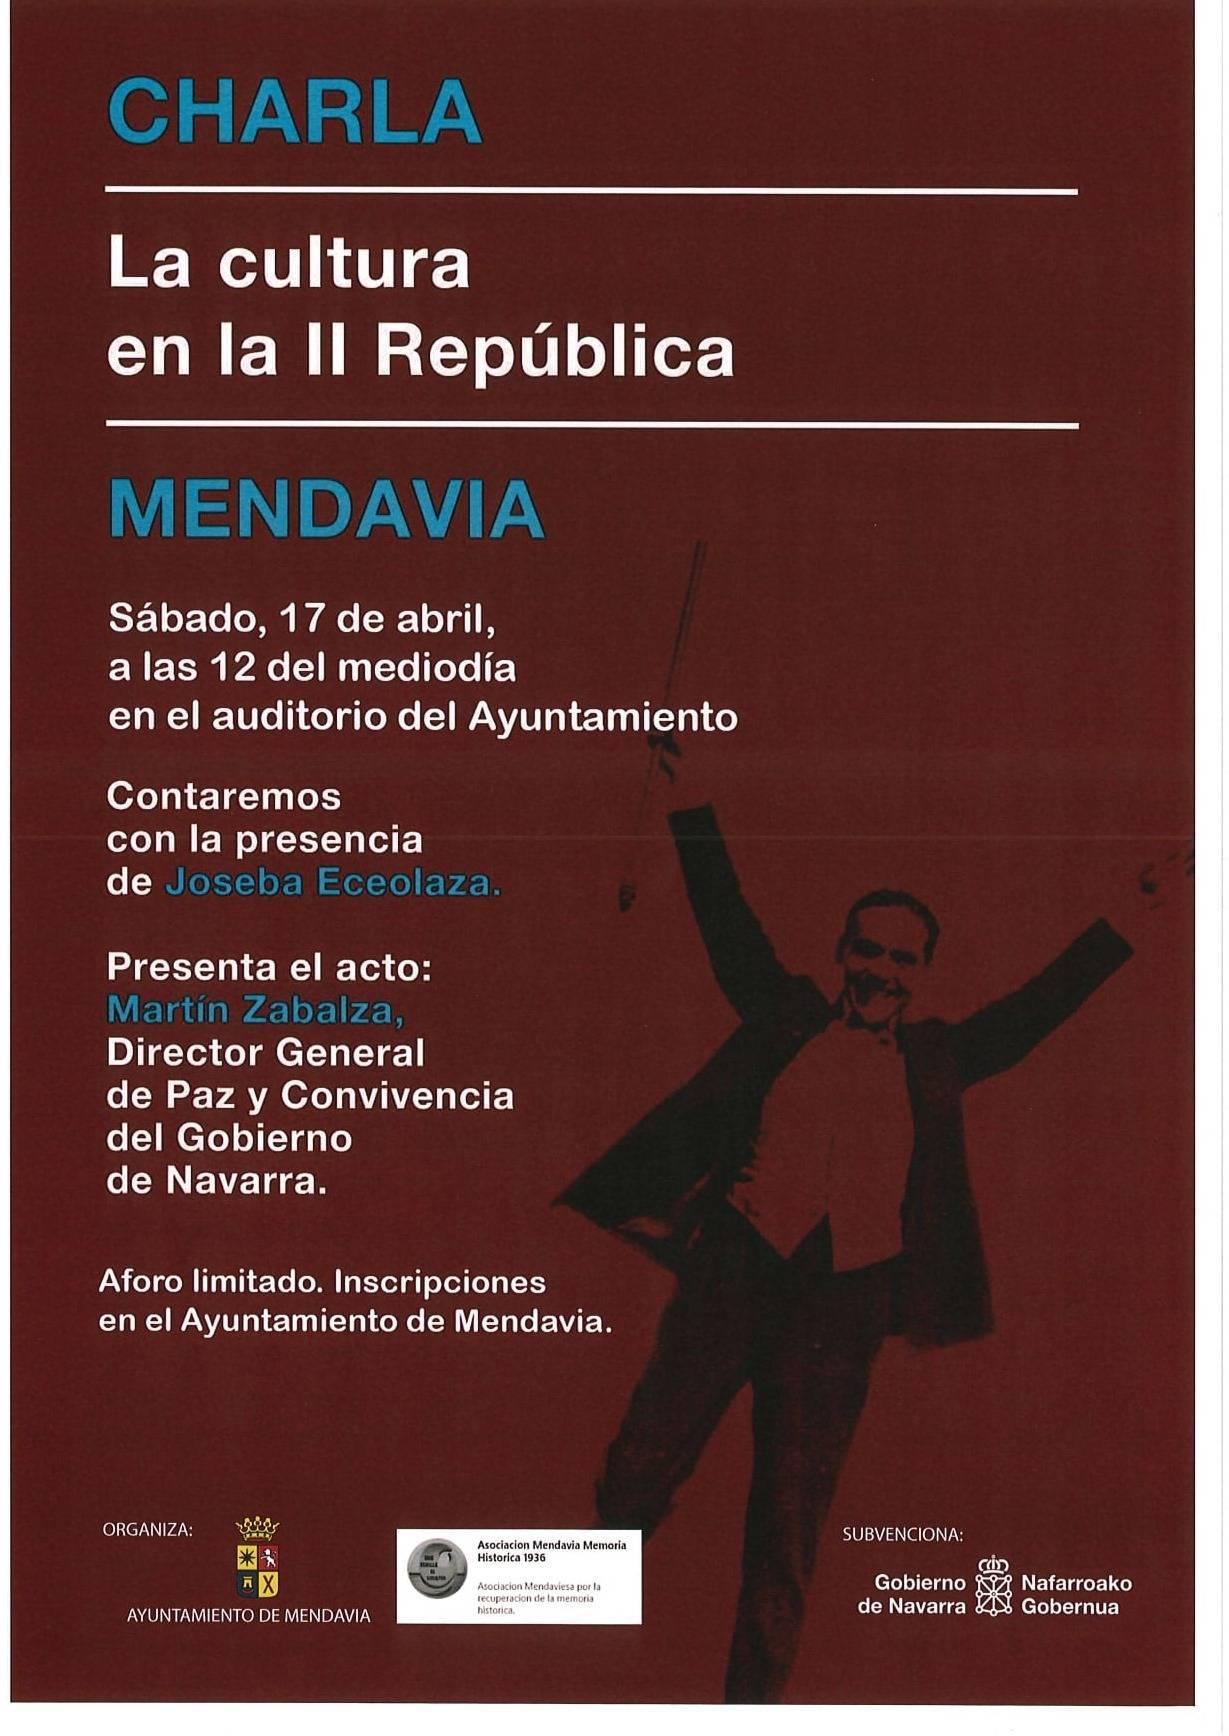 La cultura en la II República (2021) - Mendavia (Navarra)